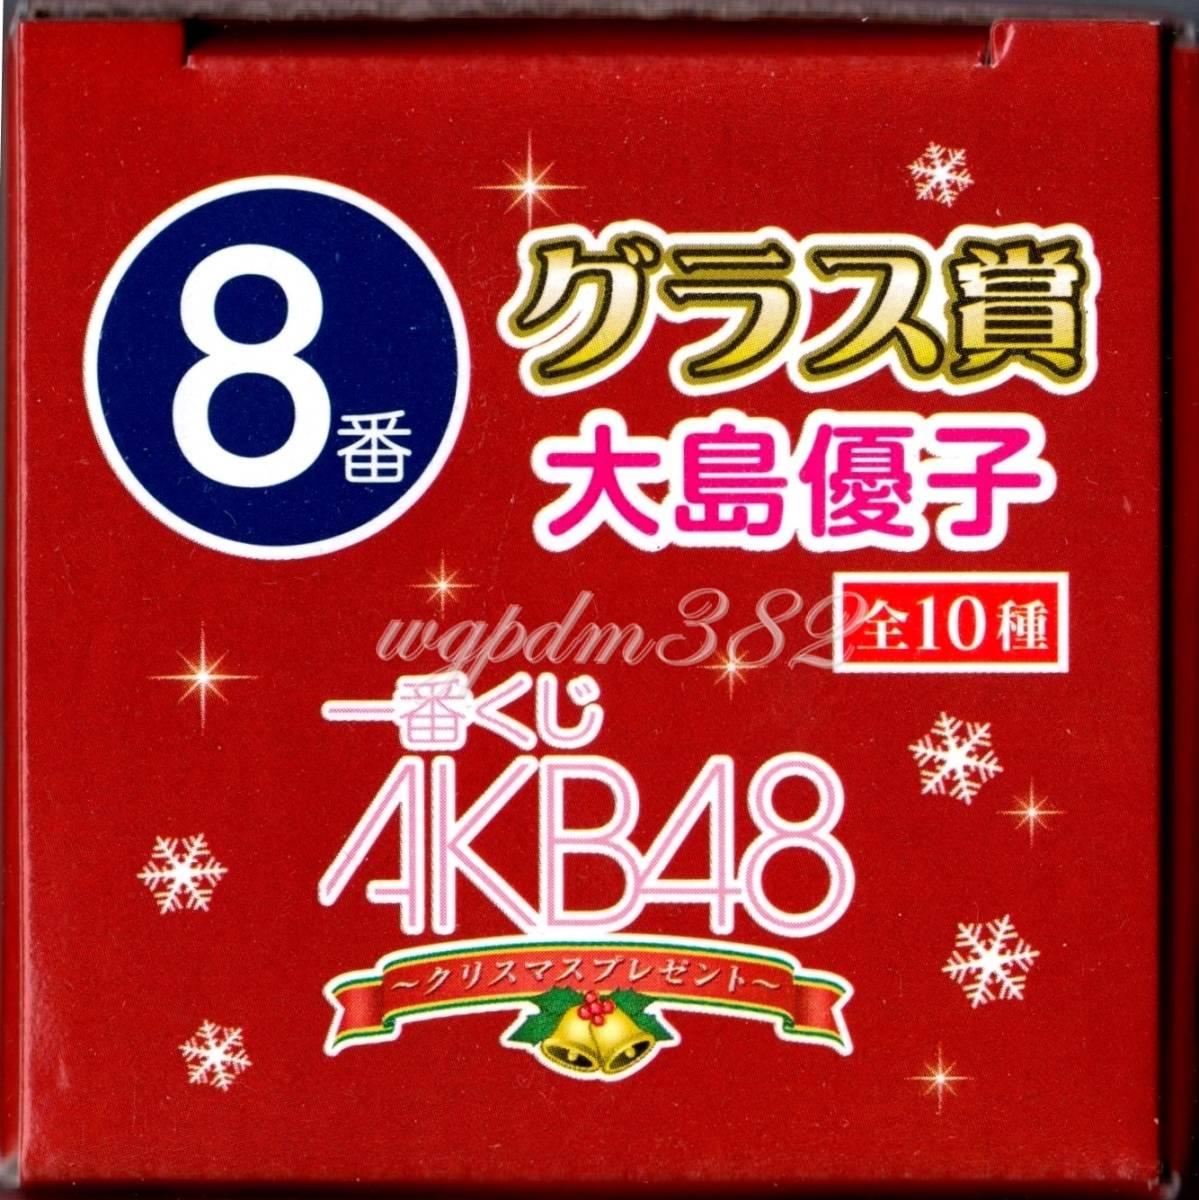 1円☆AKB48 大島優子香 一番くじ サイン入り グラス賞 7×12.6cm グッズ_画像3